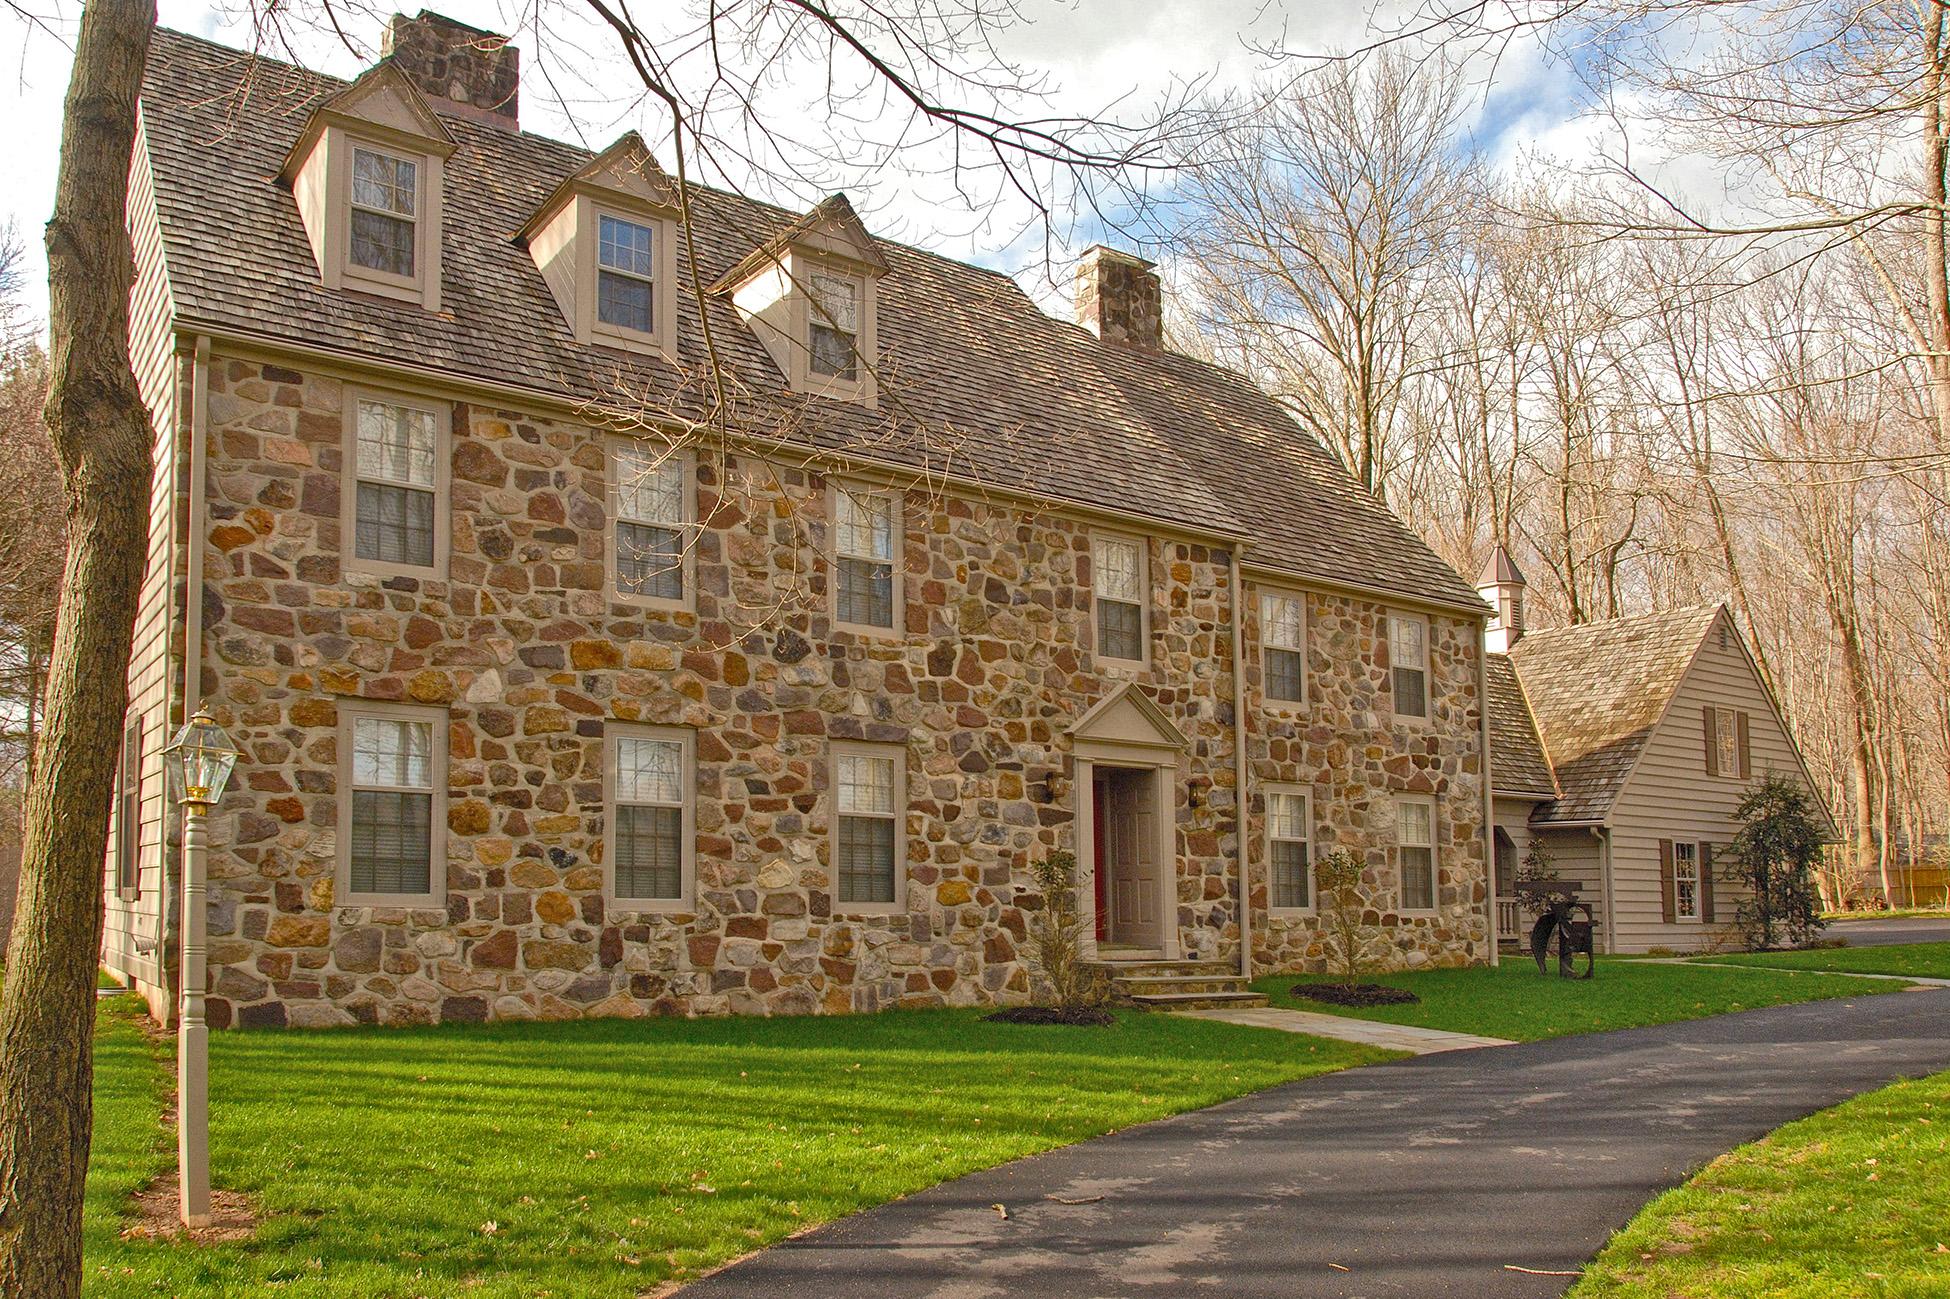 Casa Unifamiliar por un Venta en The Perfect Balance - Traditional and Contemporary 358 Wendover Drive Princeton, Nueva Jersey 08540 Estados Unidos